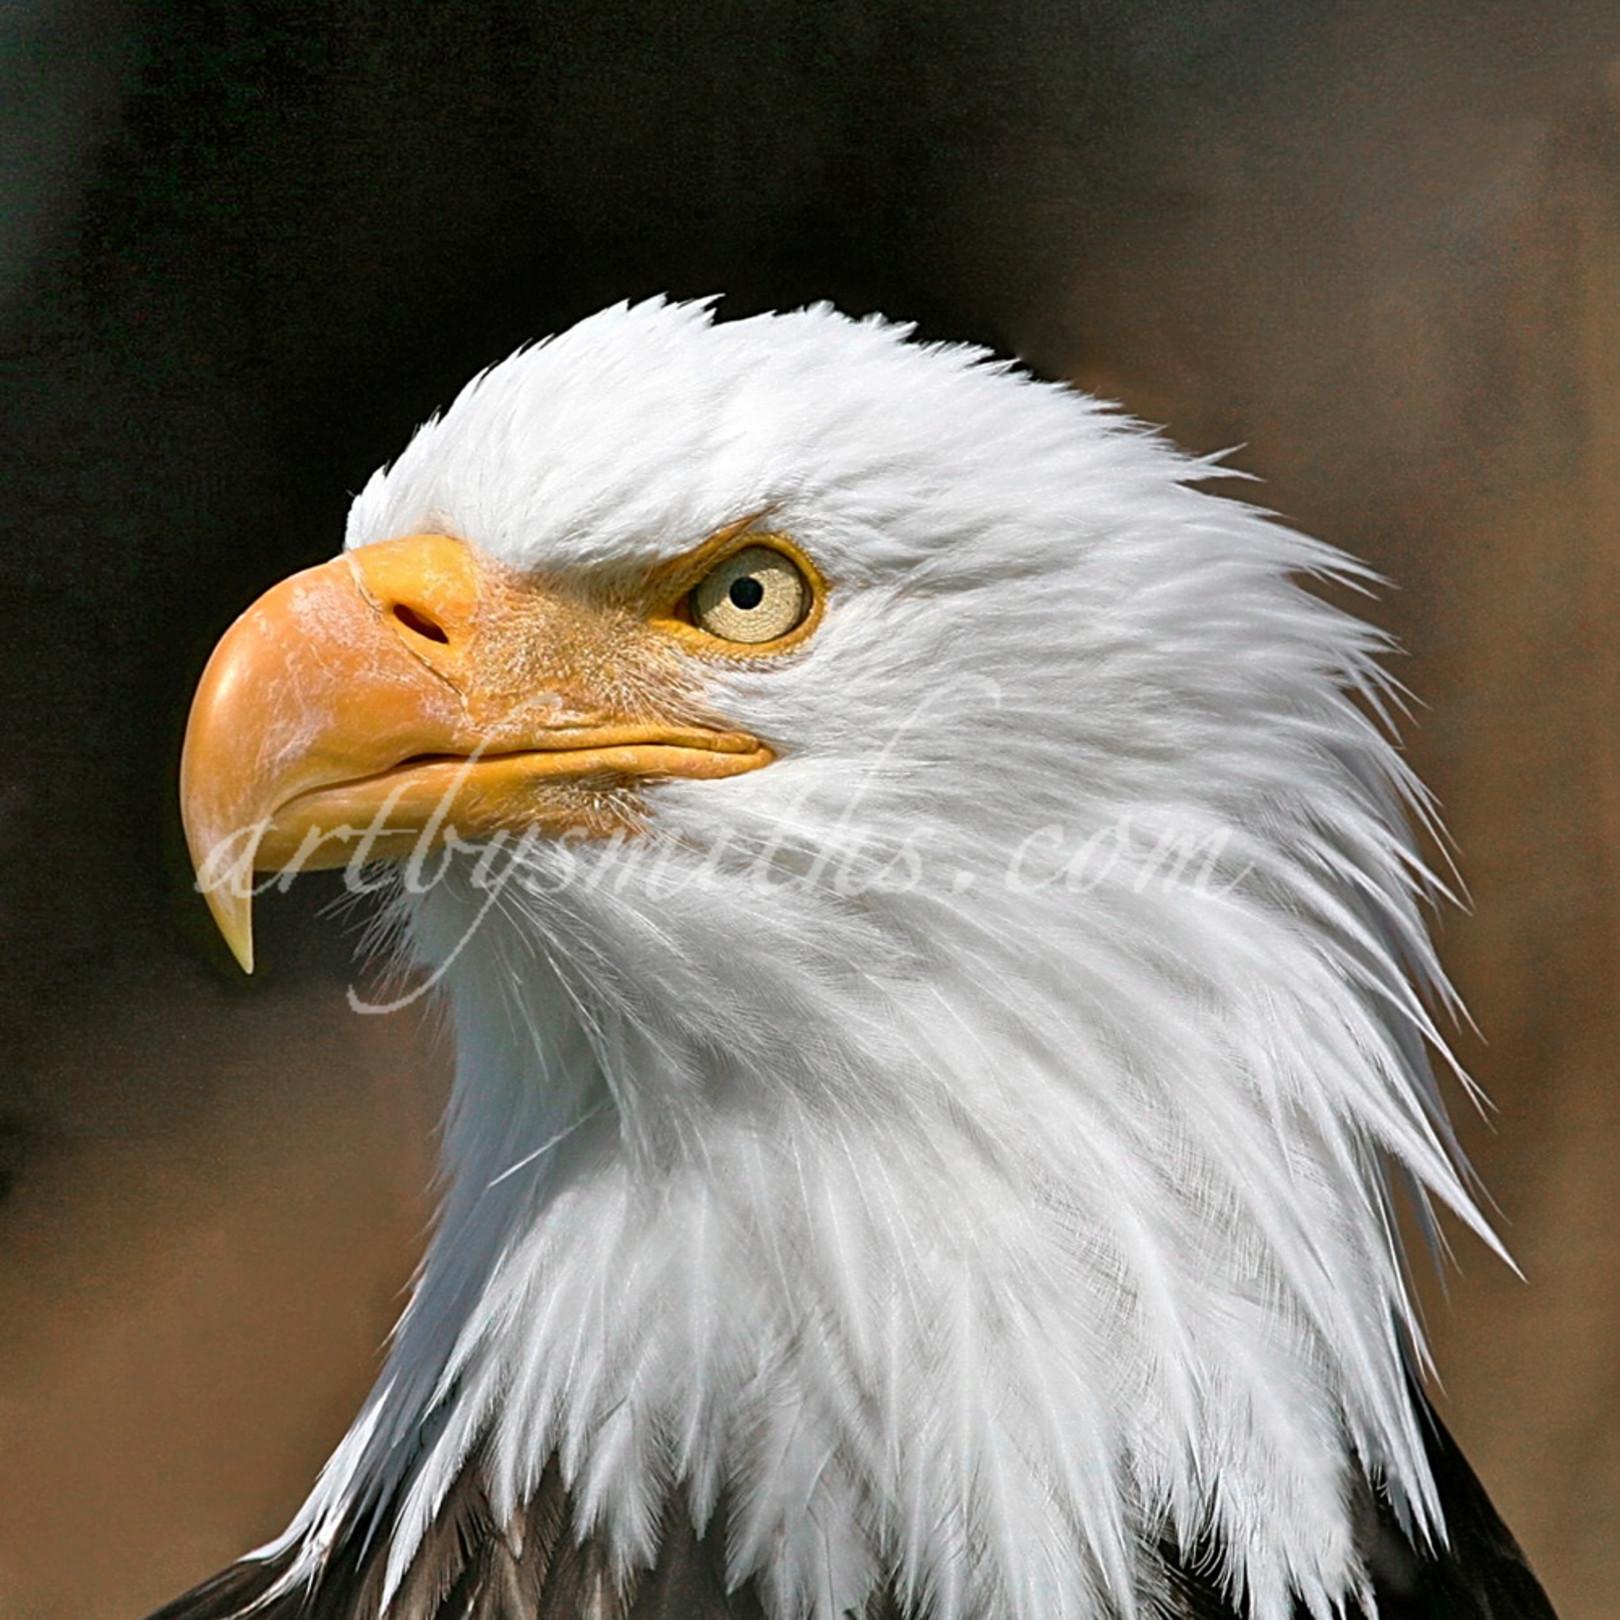 Eagleportraitc bgte36